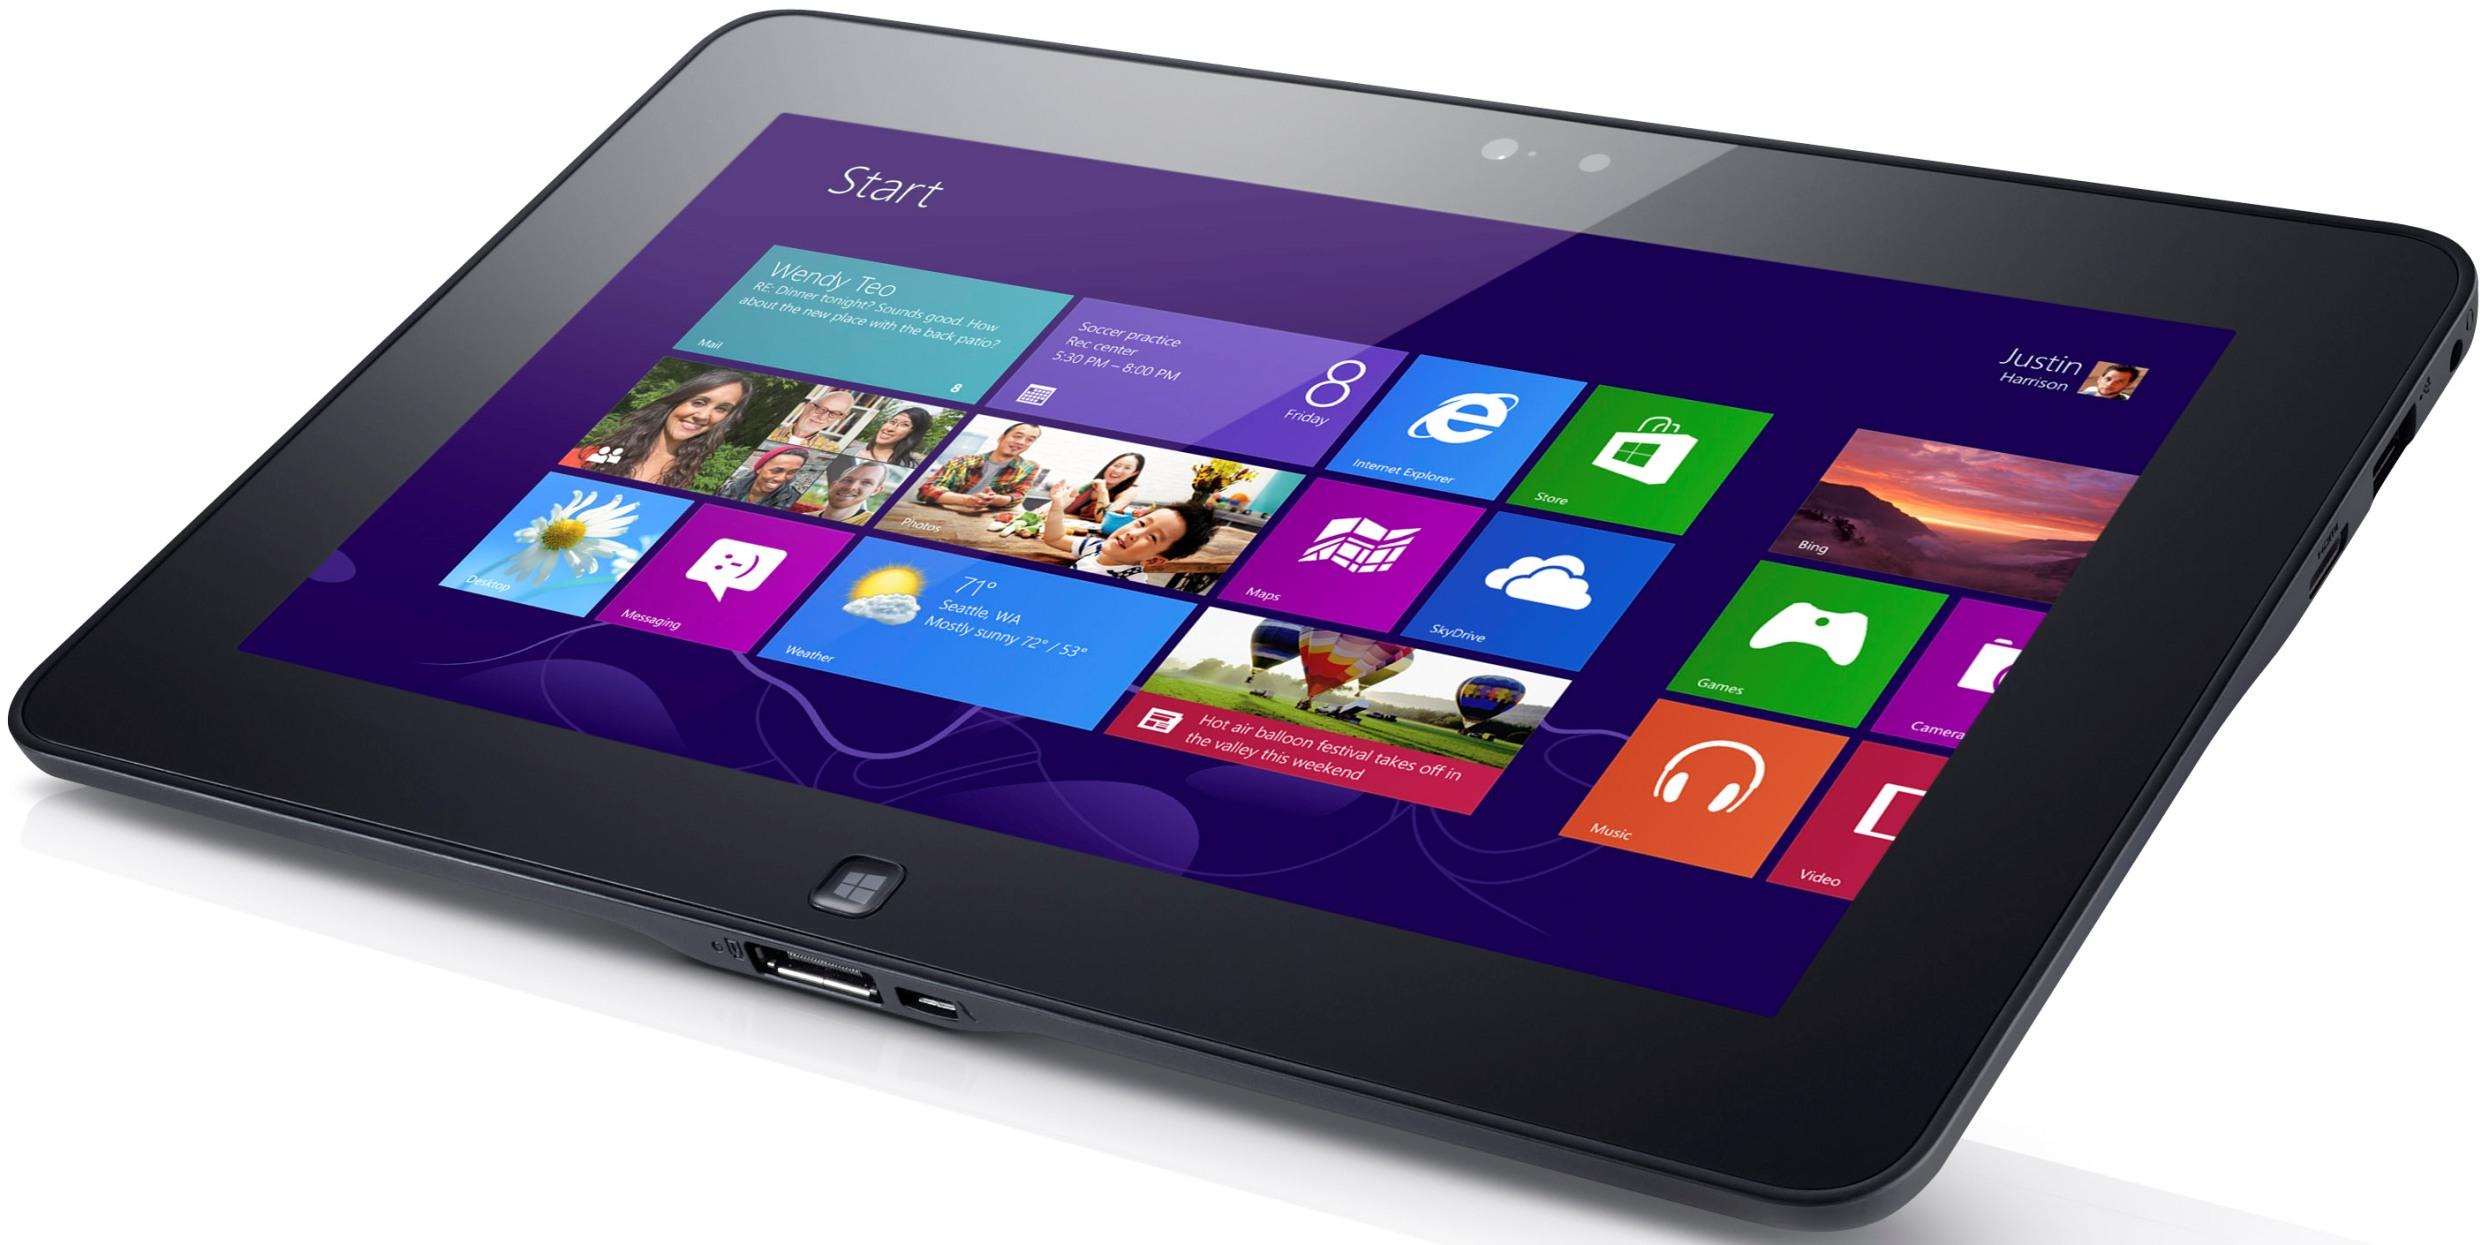 Dell Latitude 10 é o primeiro tablet com Windows 8 a chegar no Brasil (Foto: Divulgação)